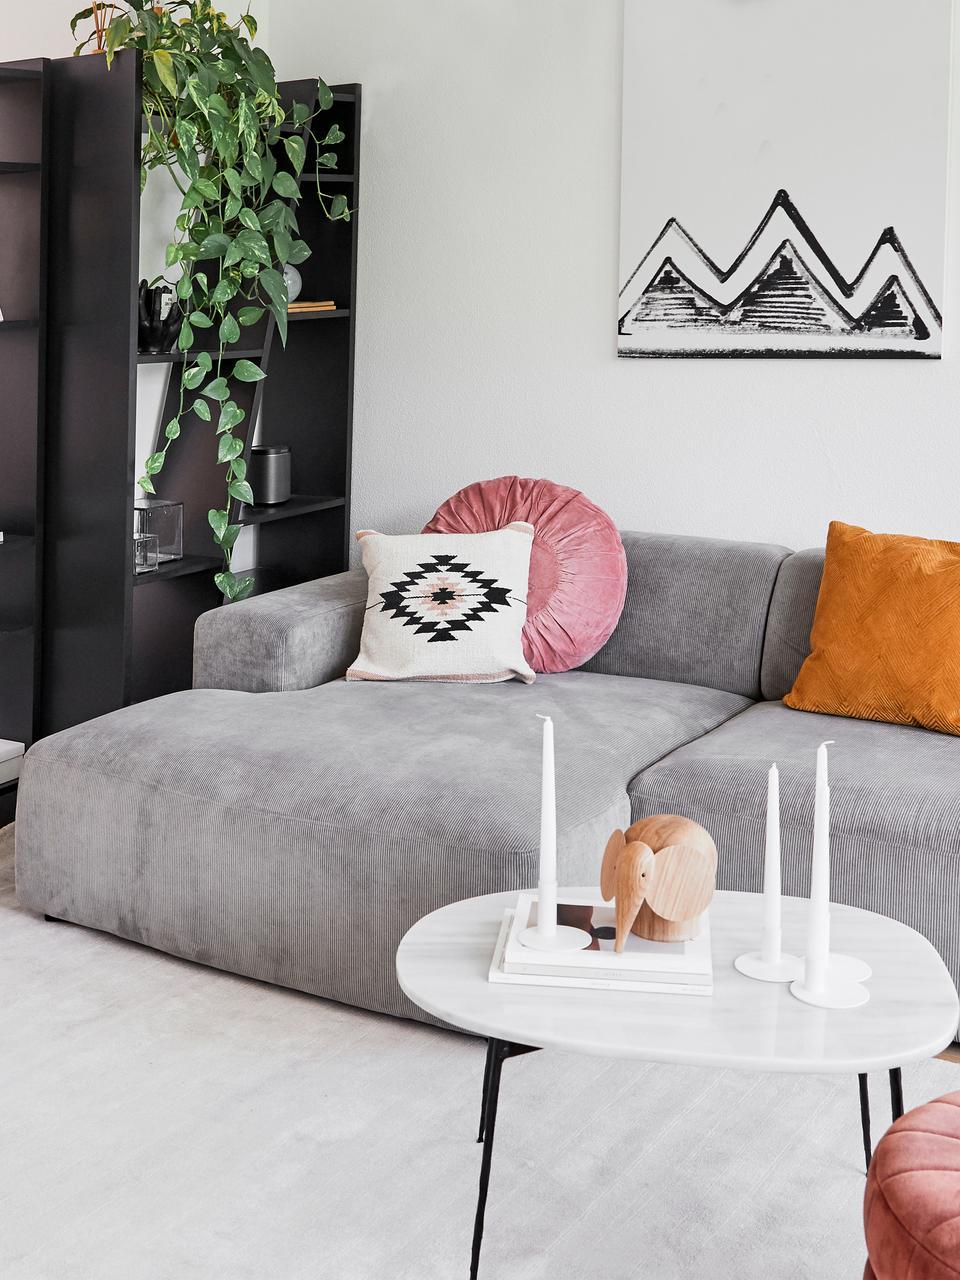 Corduroyhoekbank Melva (3-zits) in grijs, Bekleding: Koord (92% polyester, 8% , Frame: massief grenenhout, spaan, Poten: grenenhout, Grijs, B 240 x D 144 cm